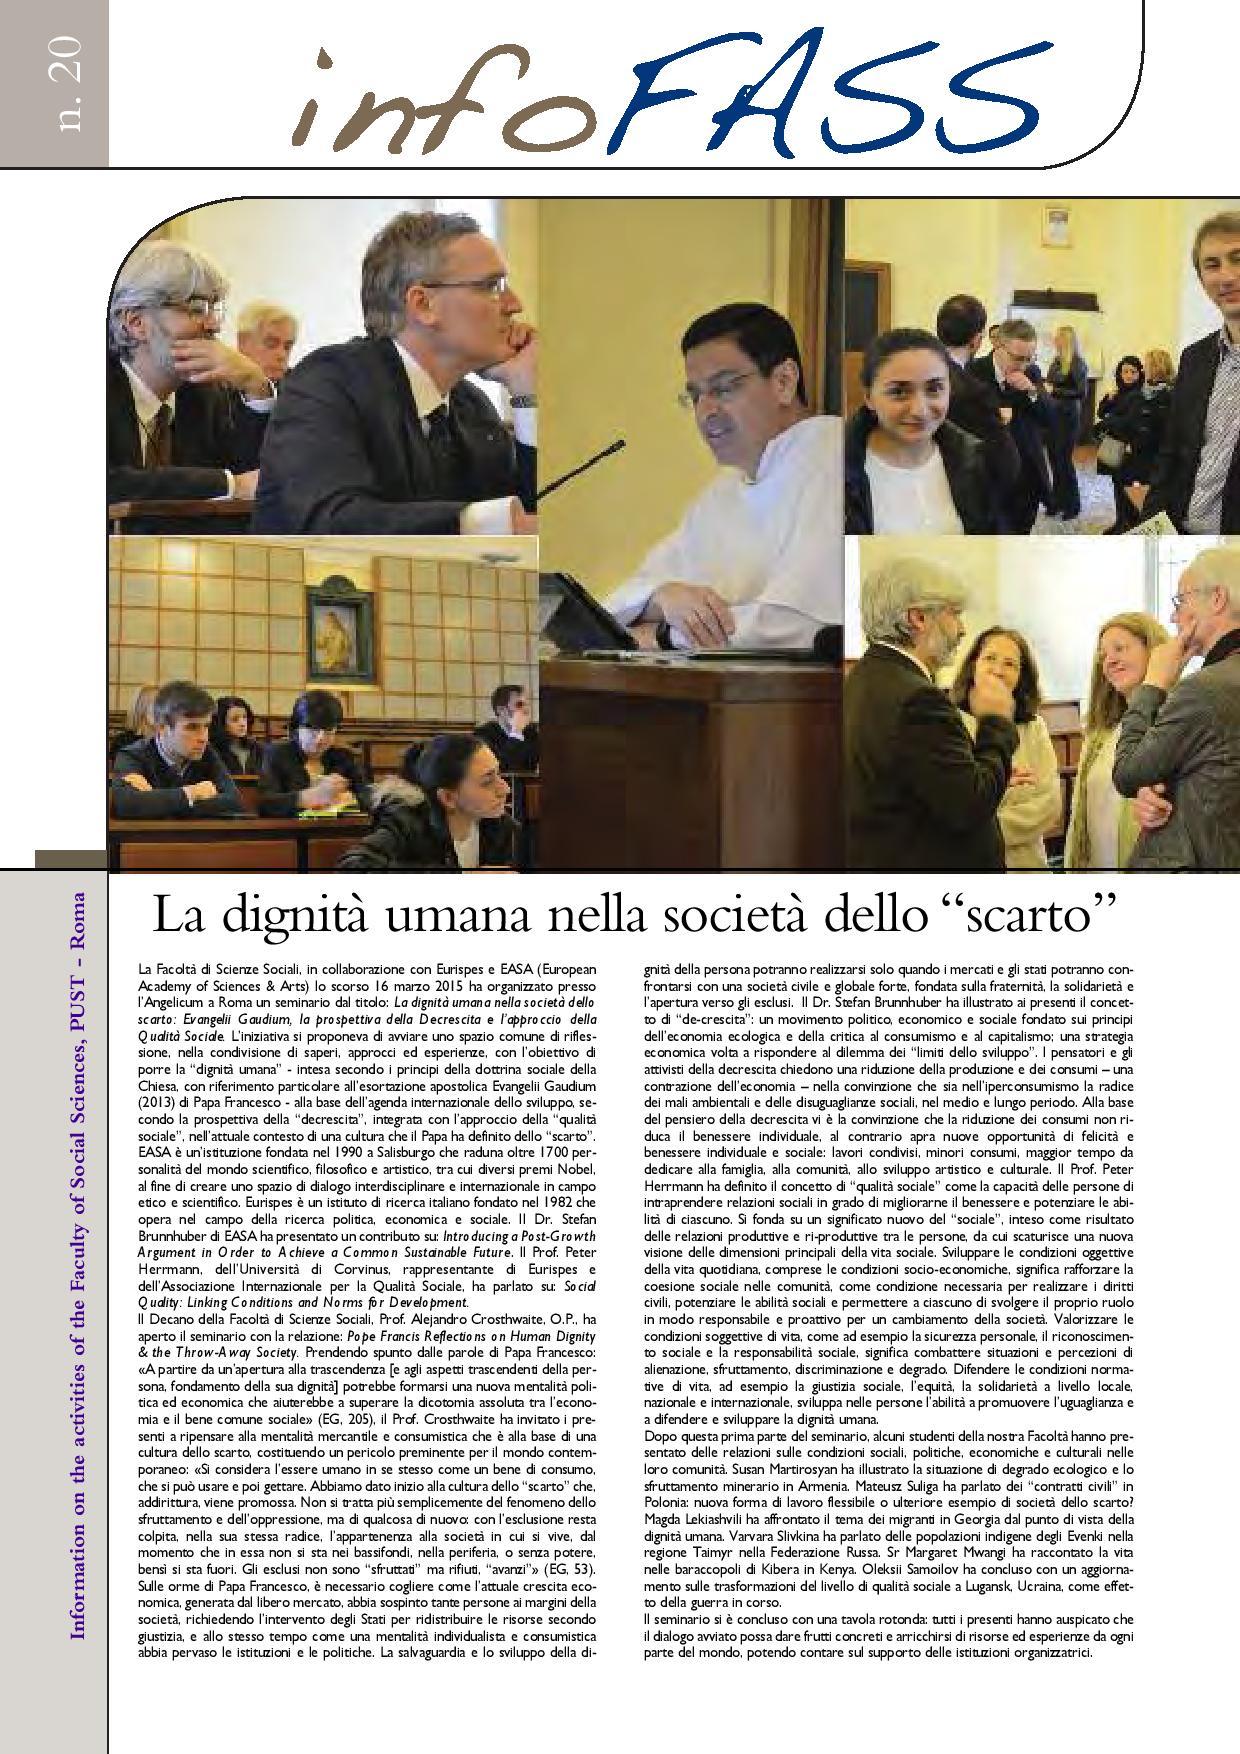 Angelicum Roma, FASS: Aperte le iscrizioni per l'A.A. 2017-2018